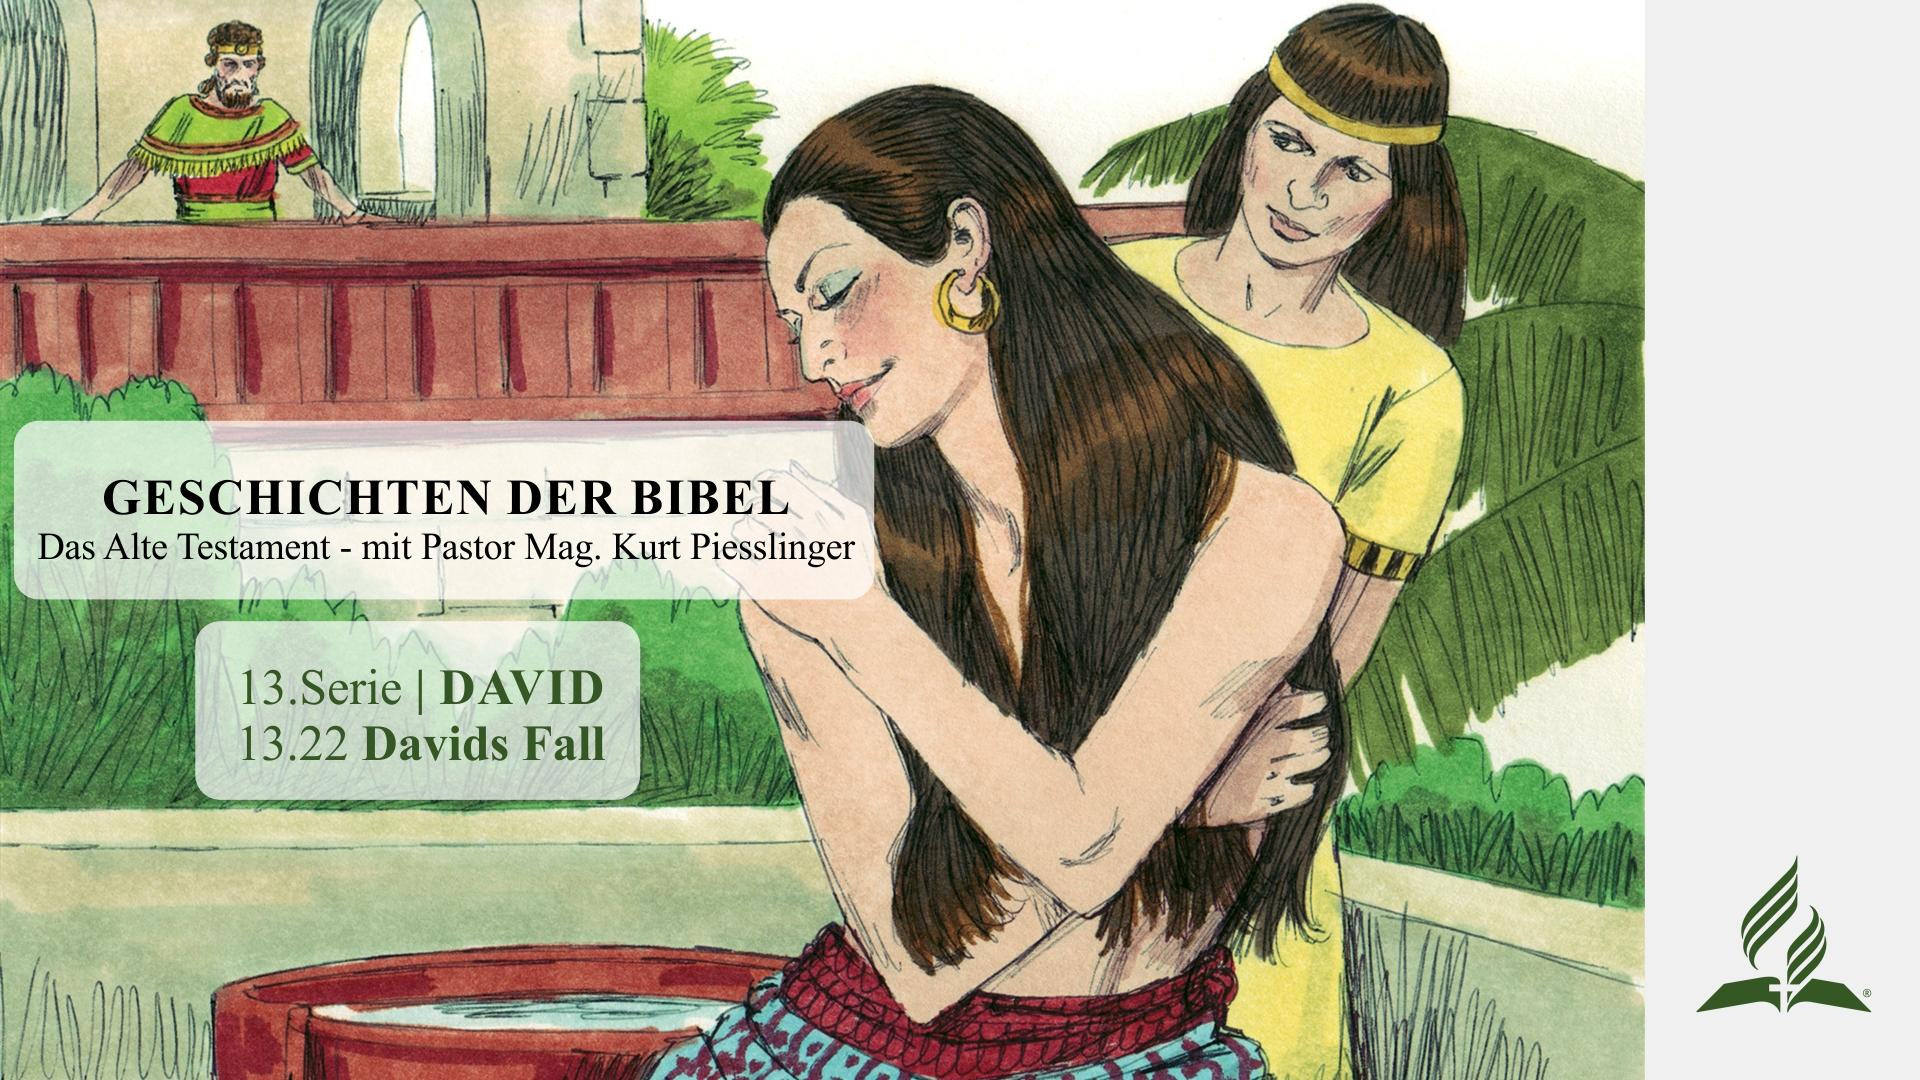 13.22 Davids Fall a